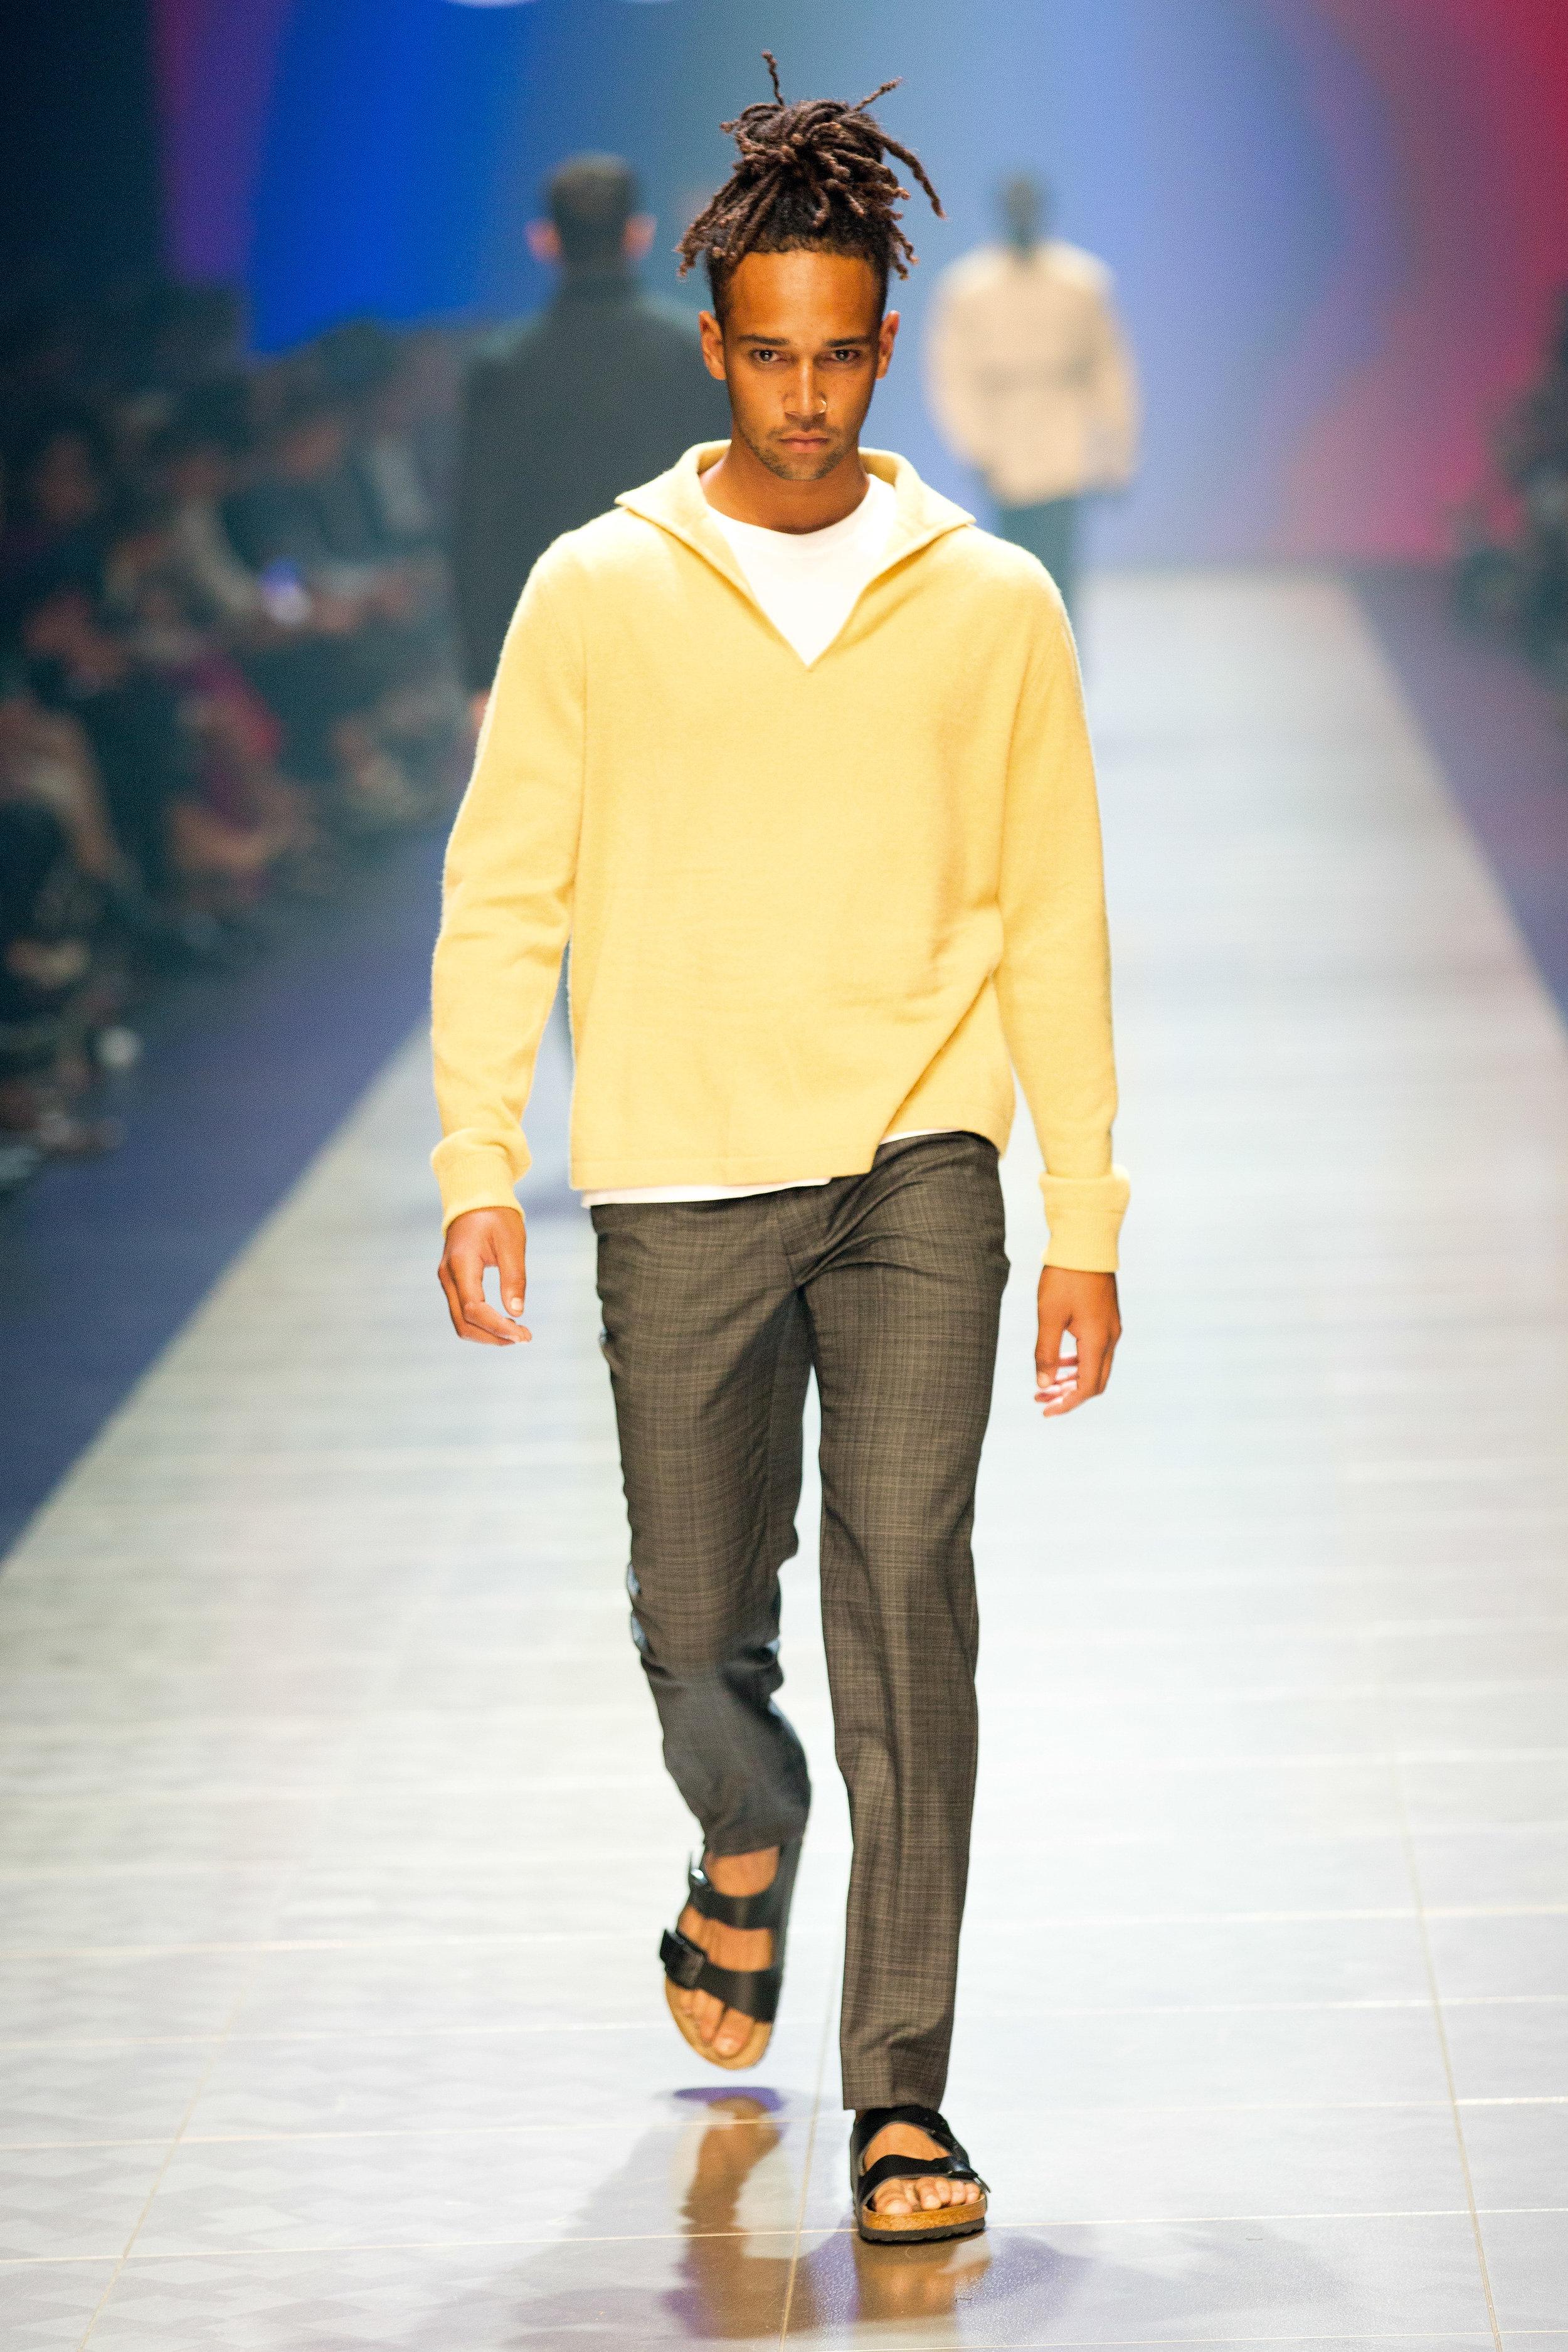 VAMFF2019_GQ Menswear-149.jpg